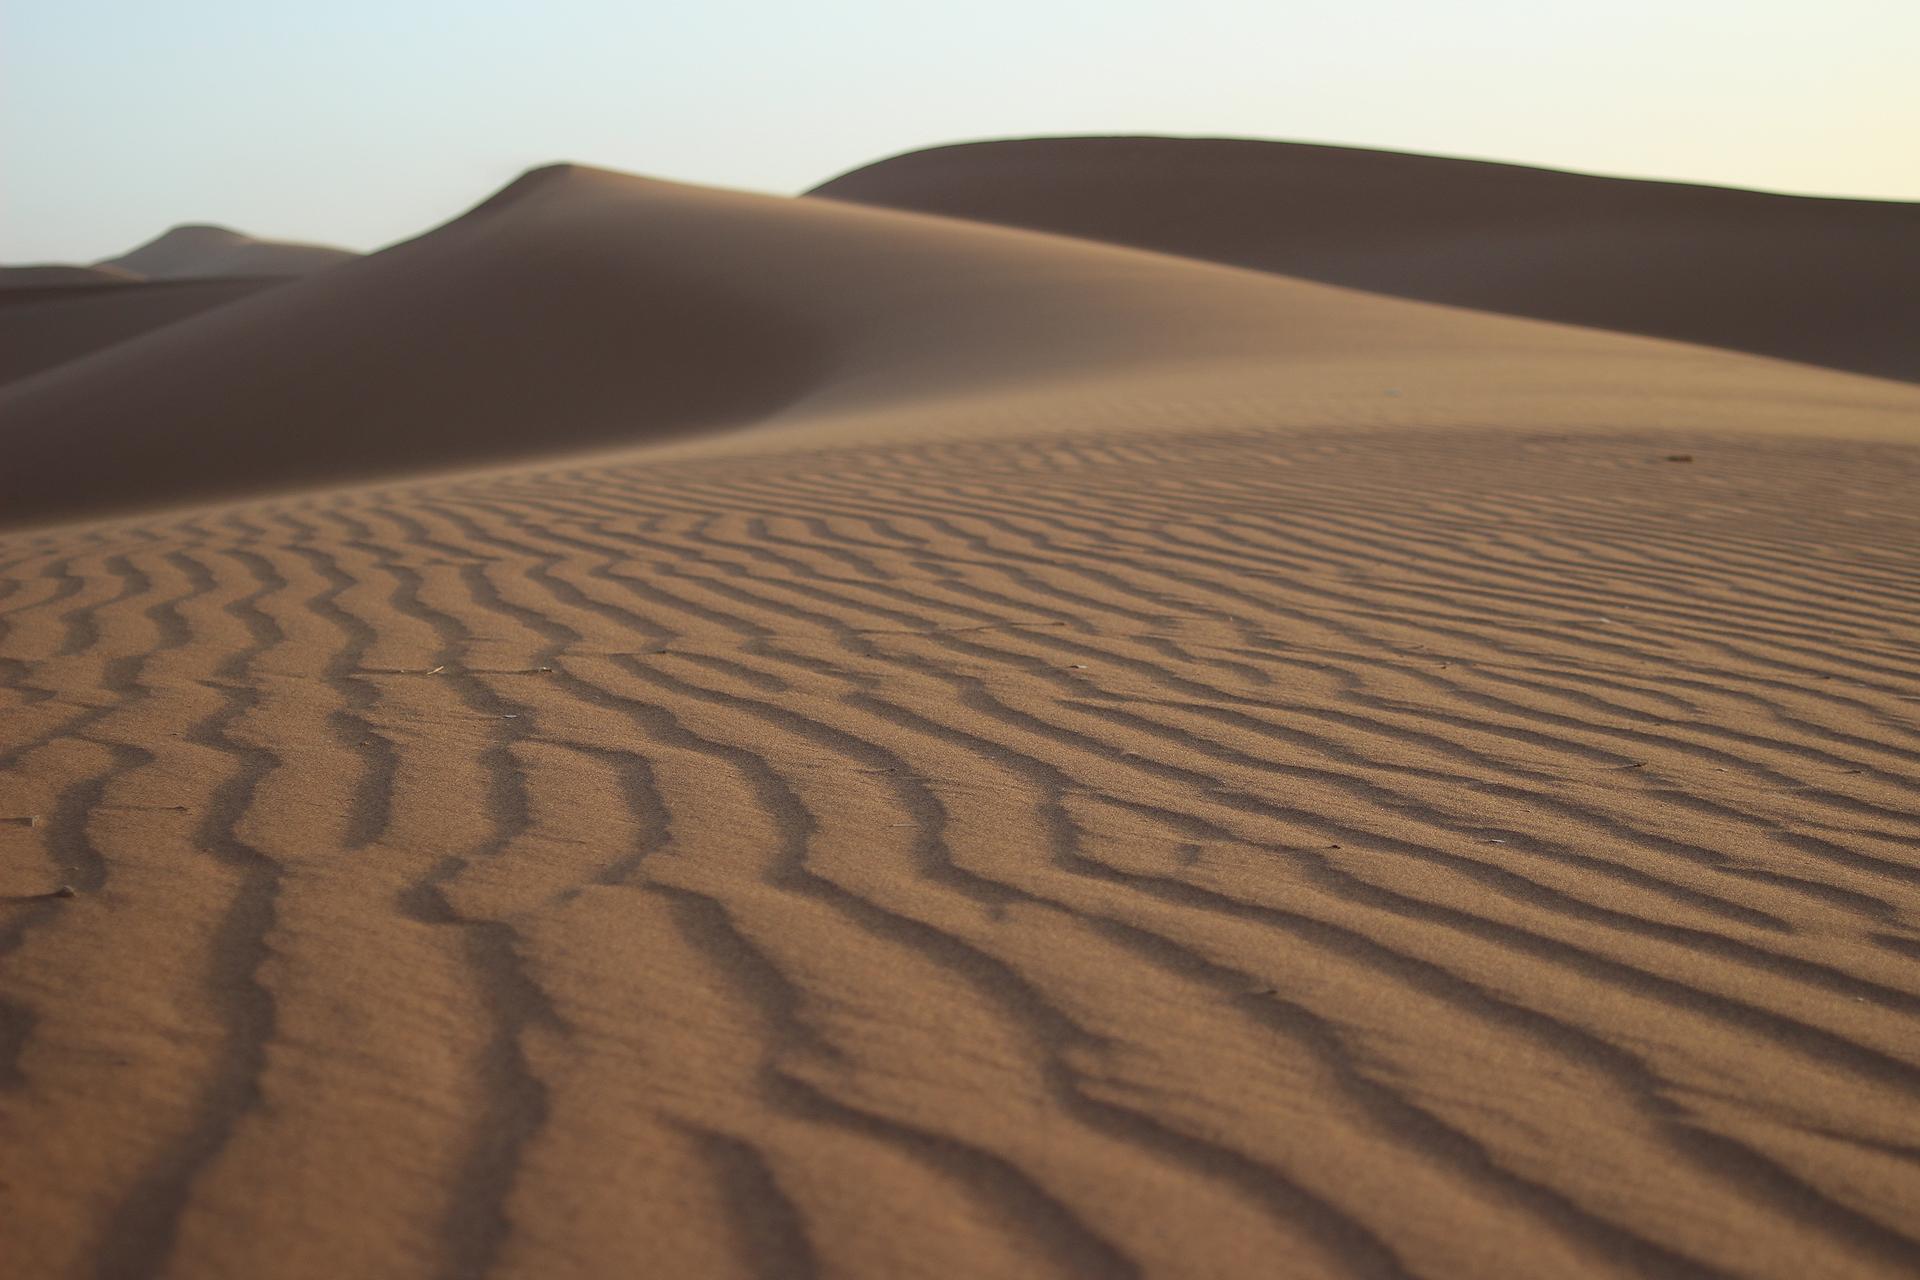 https://www.desert-candles.com/nb/praktisk-informasjon/elementer-i-sahara/